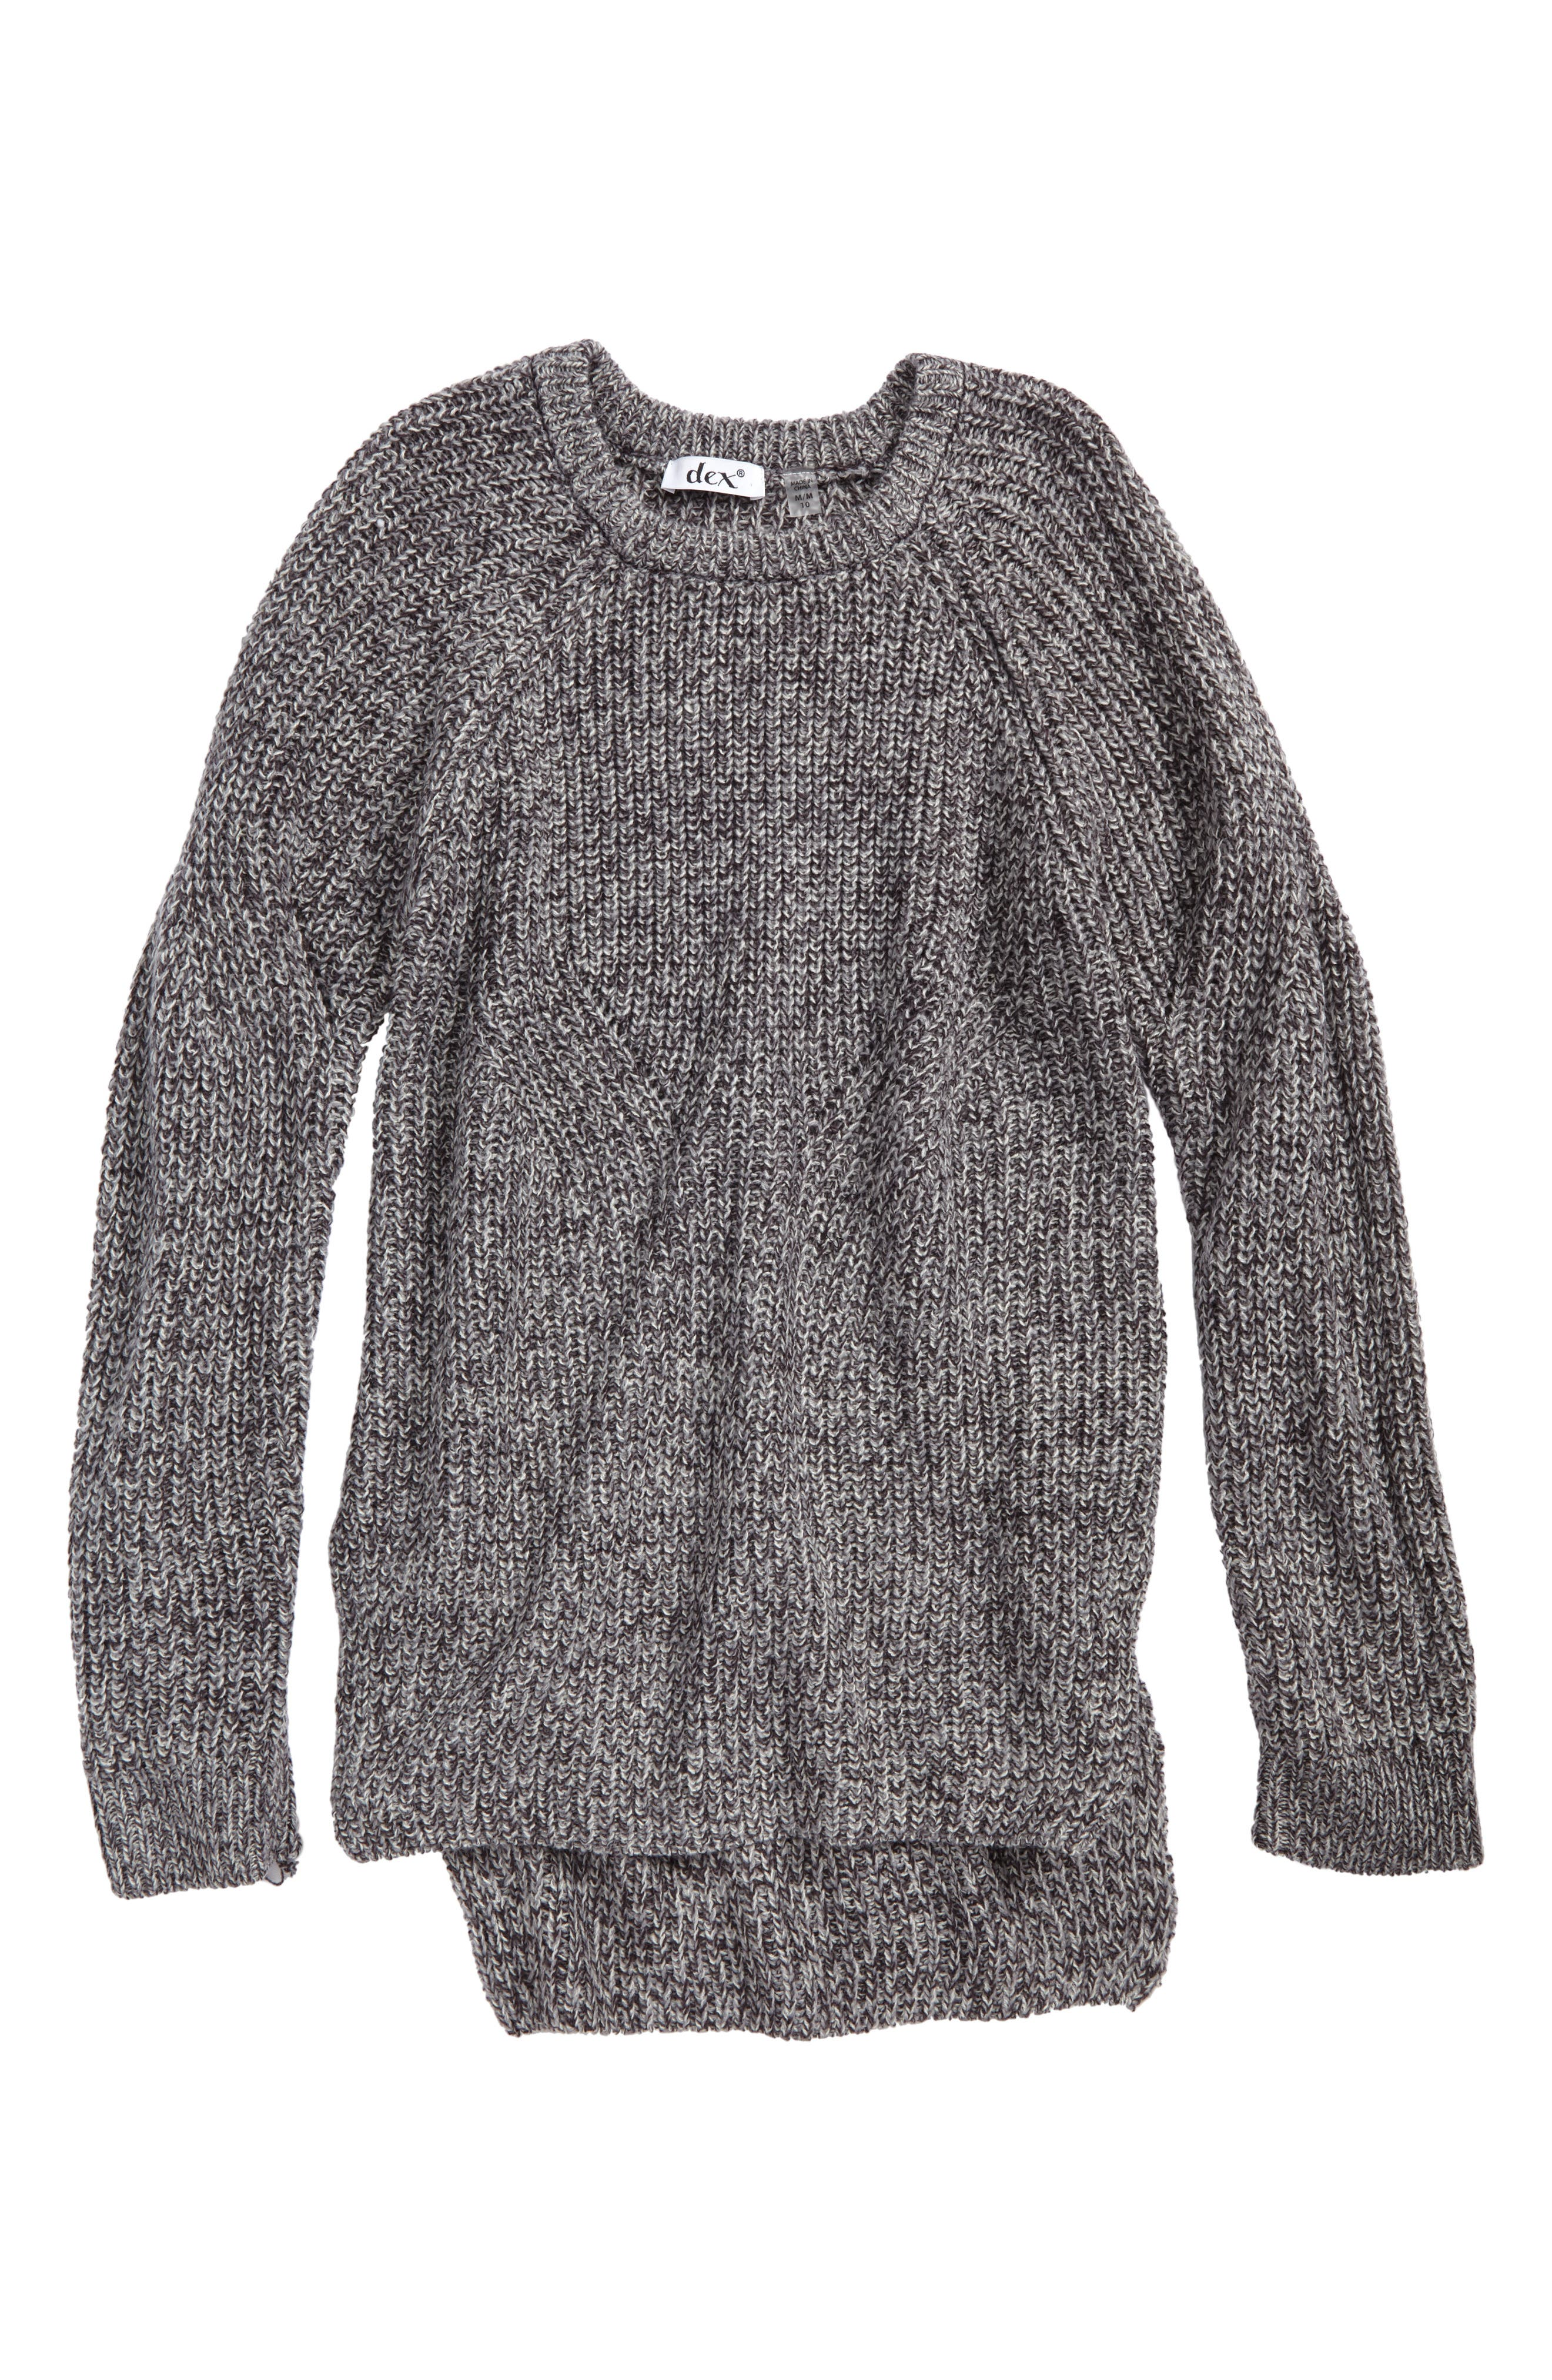 Rib Knit Sweater,                             Main thumbnail 1, color,                             068